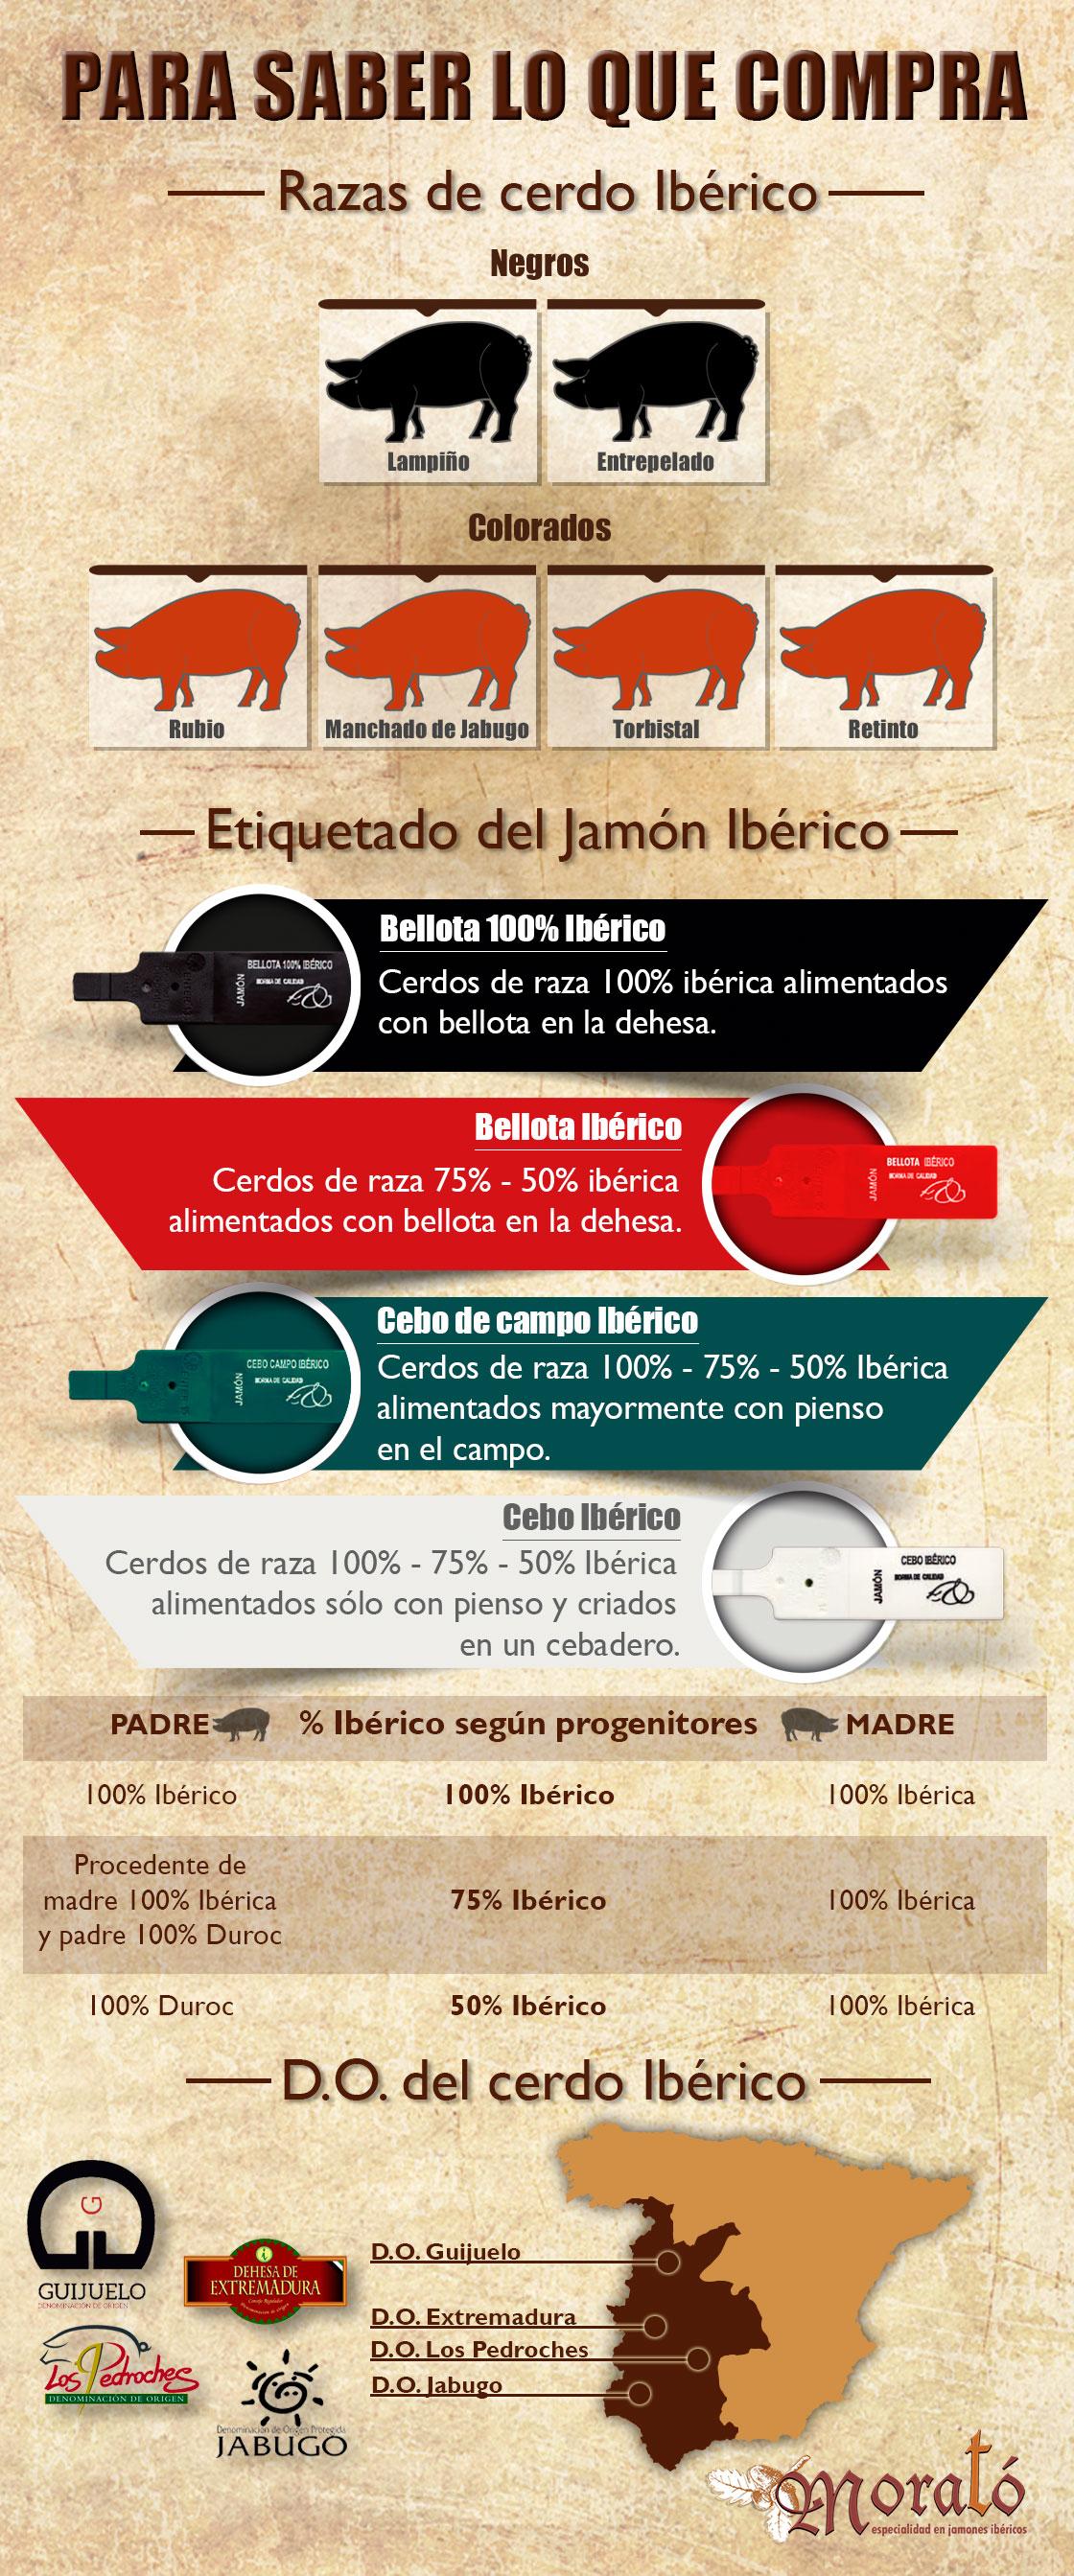 infografia_ibericos